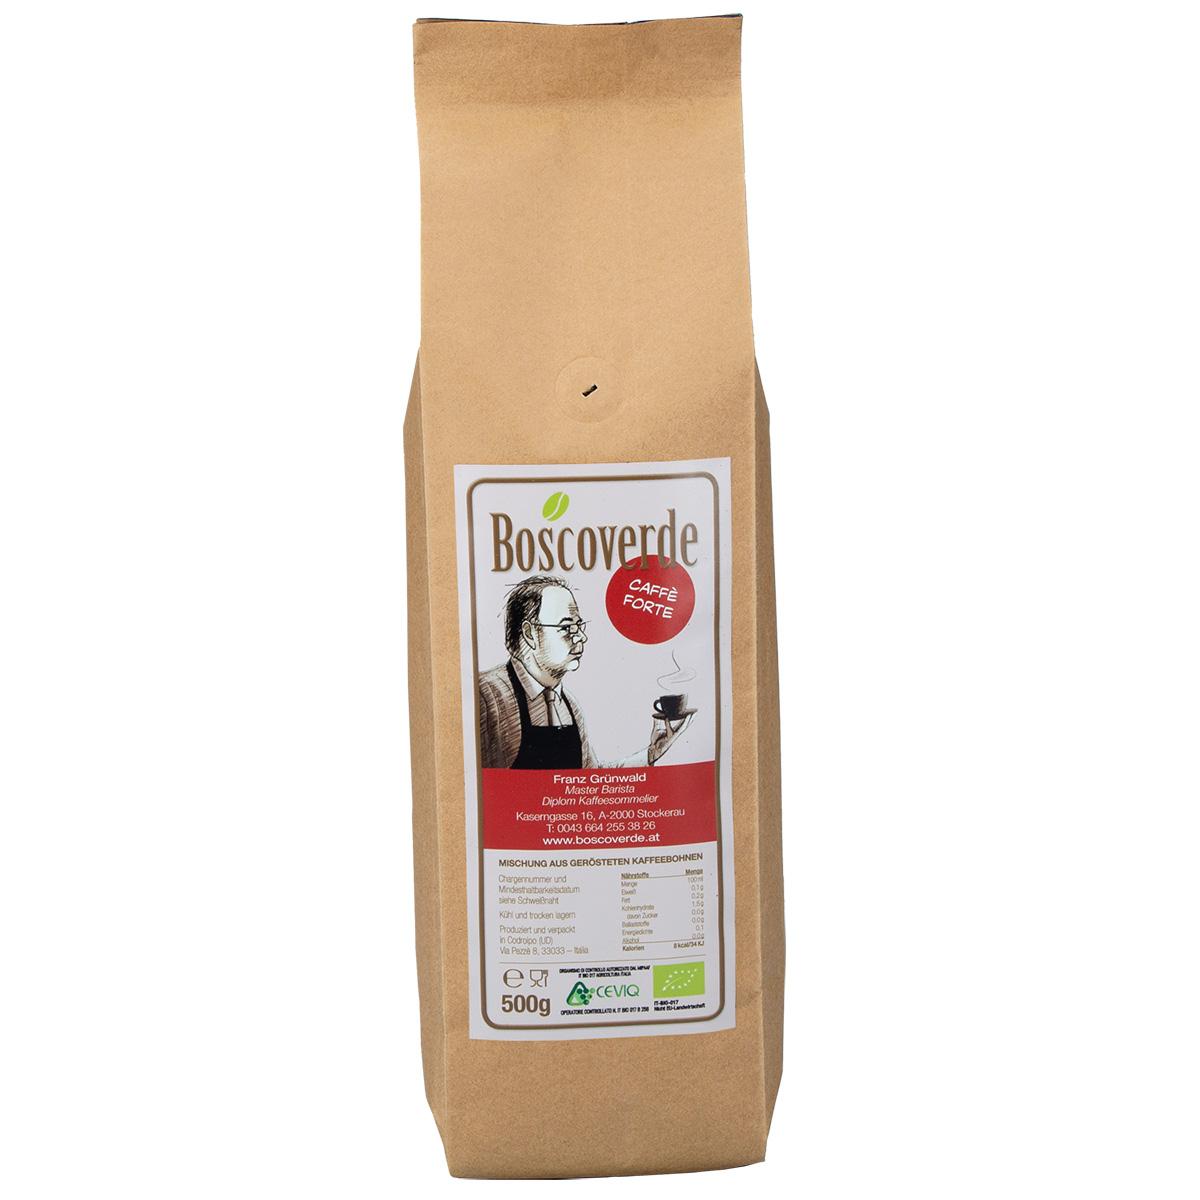 Boscoverde Bio Caffe Forte